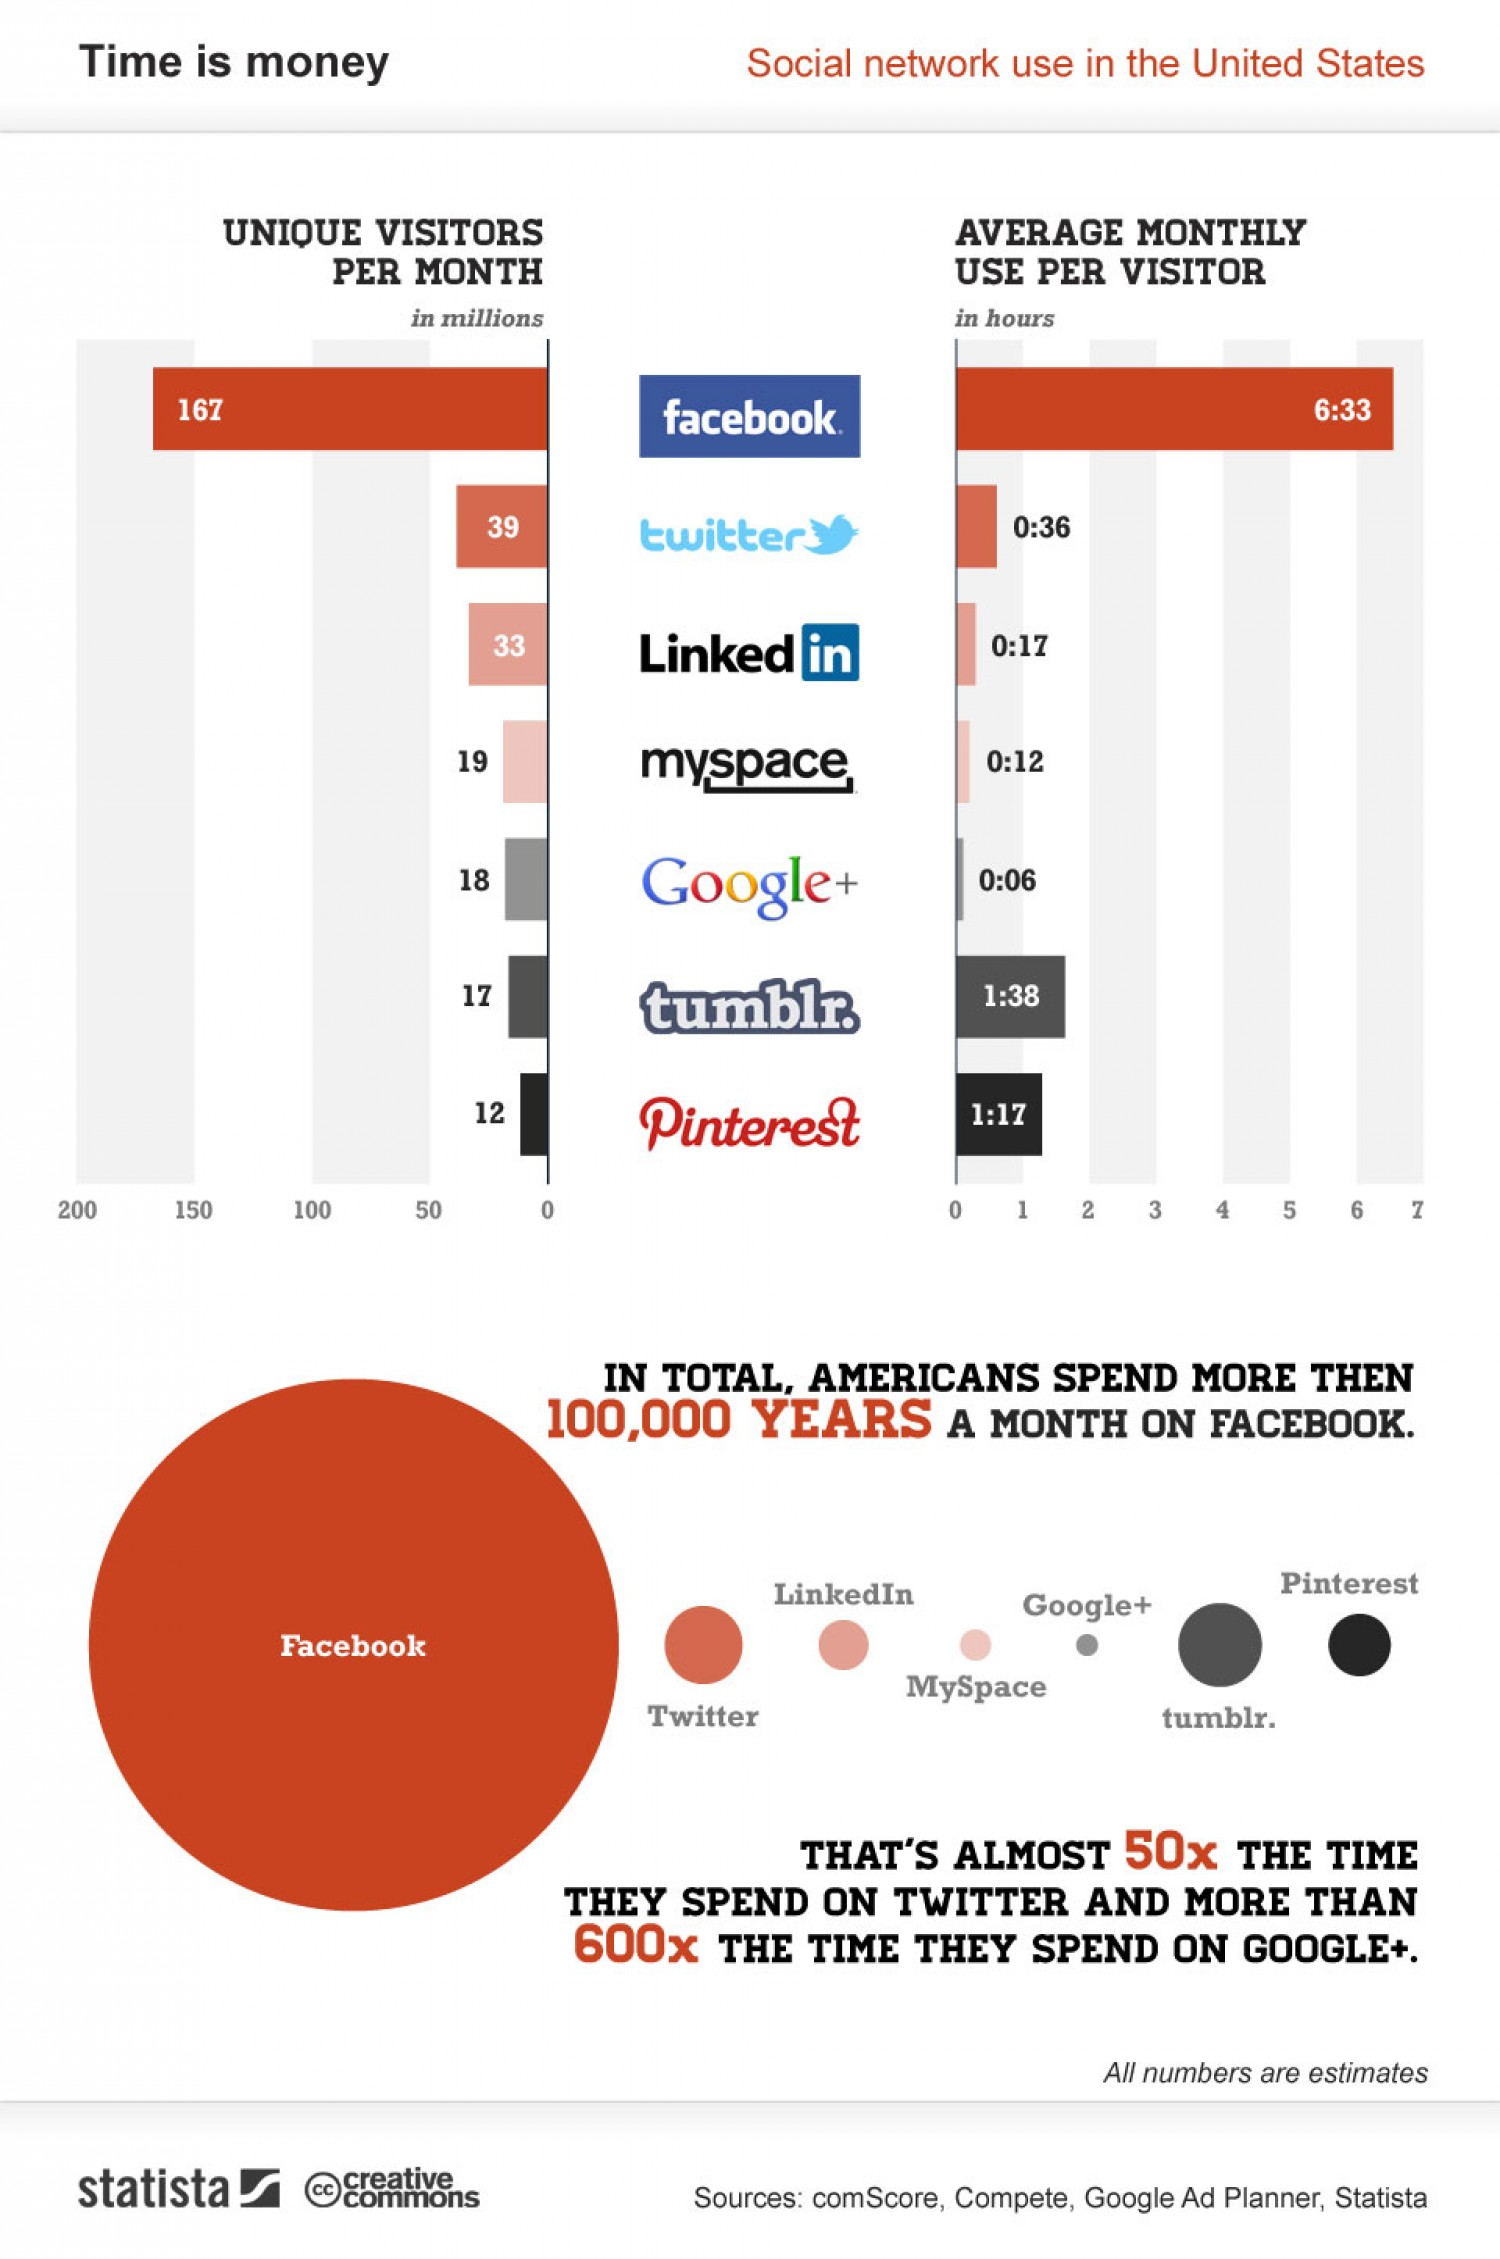 19. Number of Visited visiting LinkedIn